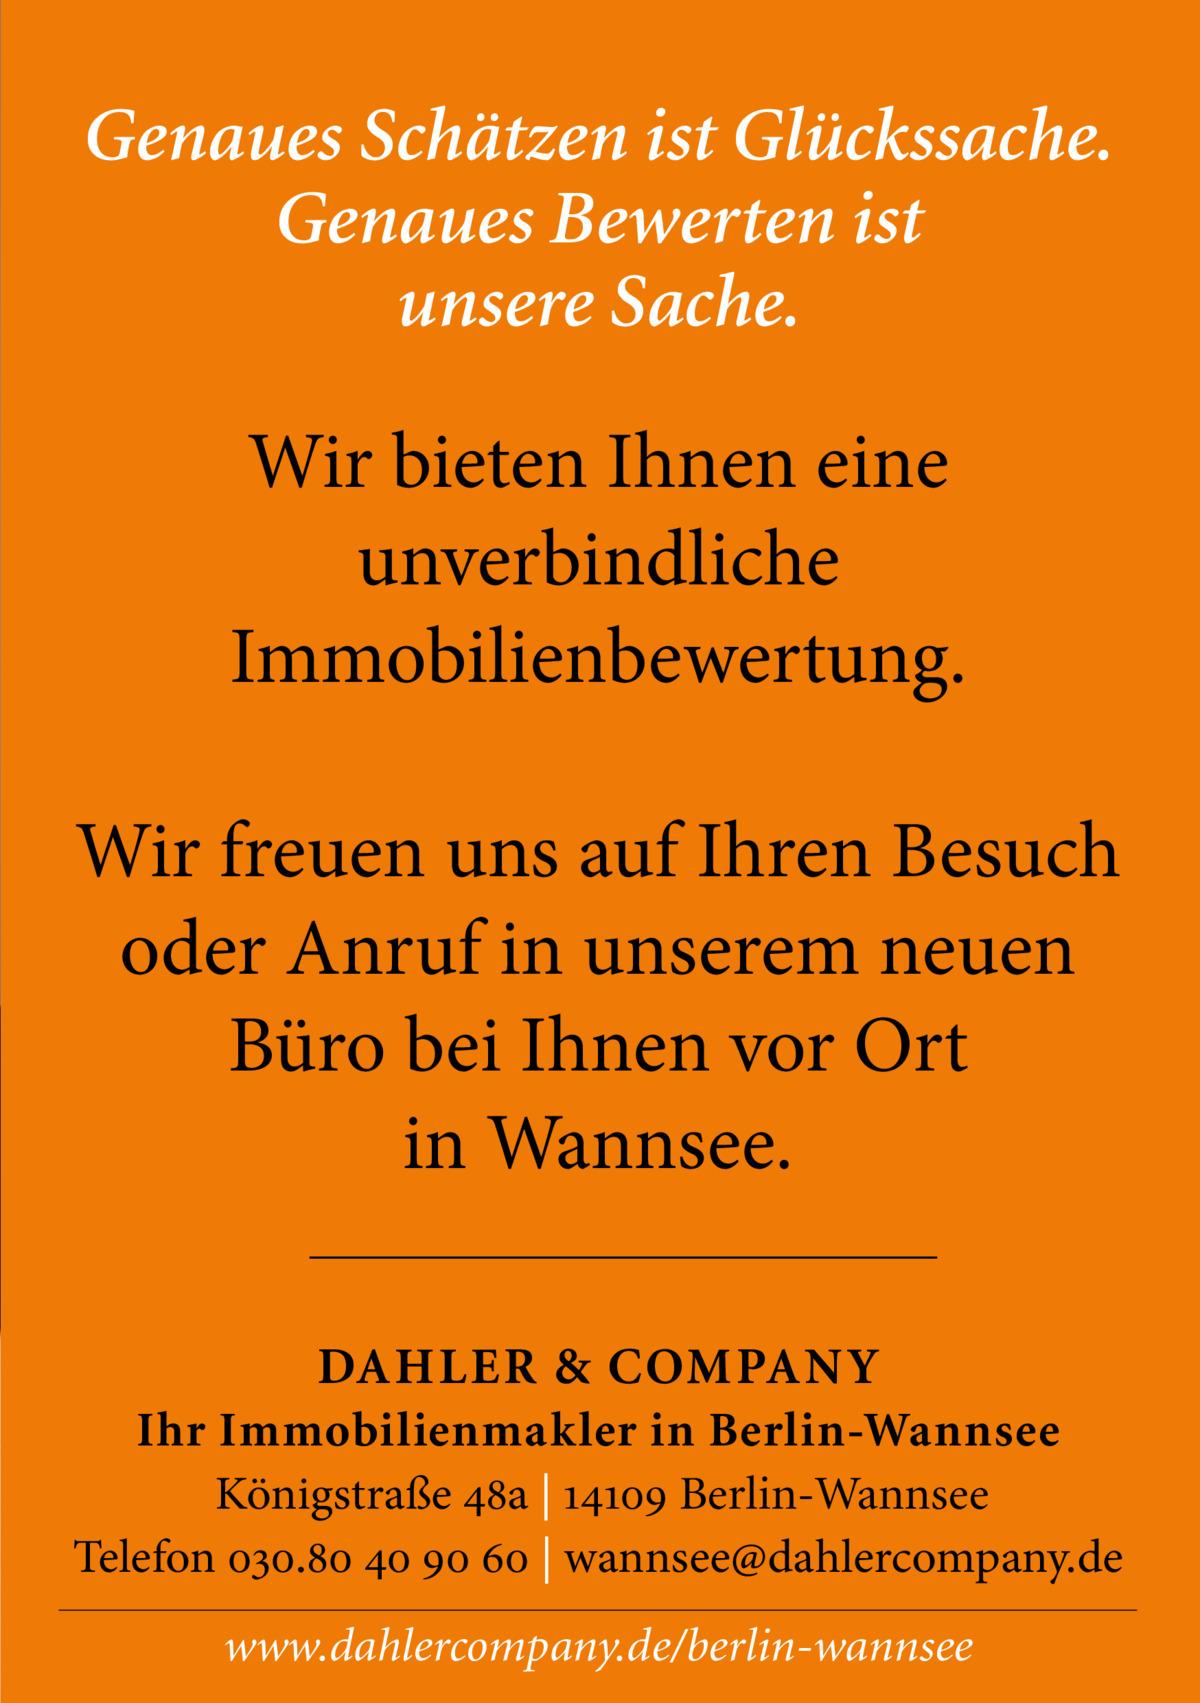 Genaues Schätzen ist Glückssache. Genaues Bewerten ist unsere Sache.  Wir bieten Ihnen eine unverbindliche Immobilienbewertung. Wir freuen uns auf Ihren Besuch oder Anruf in unserem neuen Büro bei Ihnen vor Ort in Wannsee. DAHLER & COMPANY Ihr Immobilienmakler in Berlin-Wannsee Königstraße 48a | 14109 Berlin-Wannsee Telefon 030.80 40 90 60 | wannsee@dahlercompany.de www.dahlercompany.de/berlin-wannsee